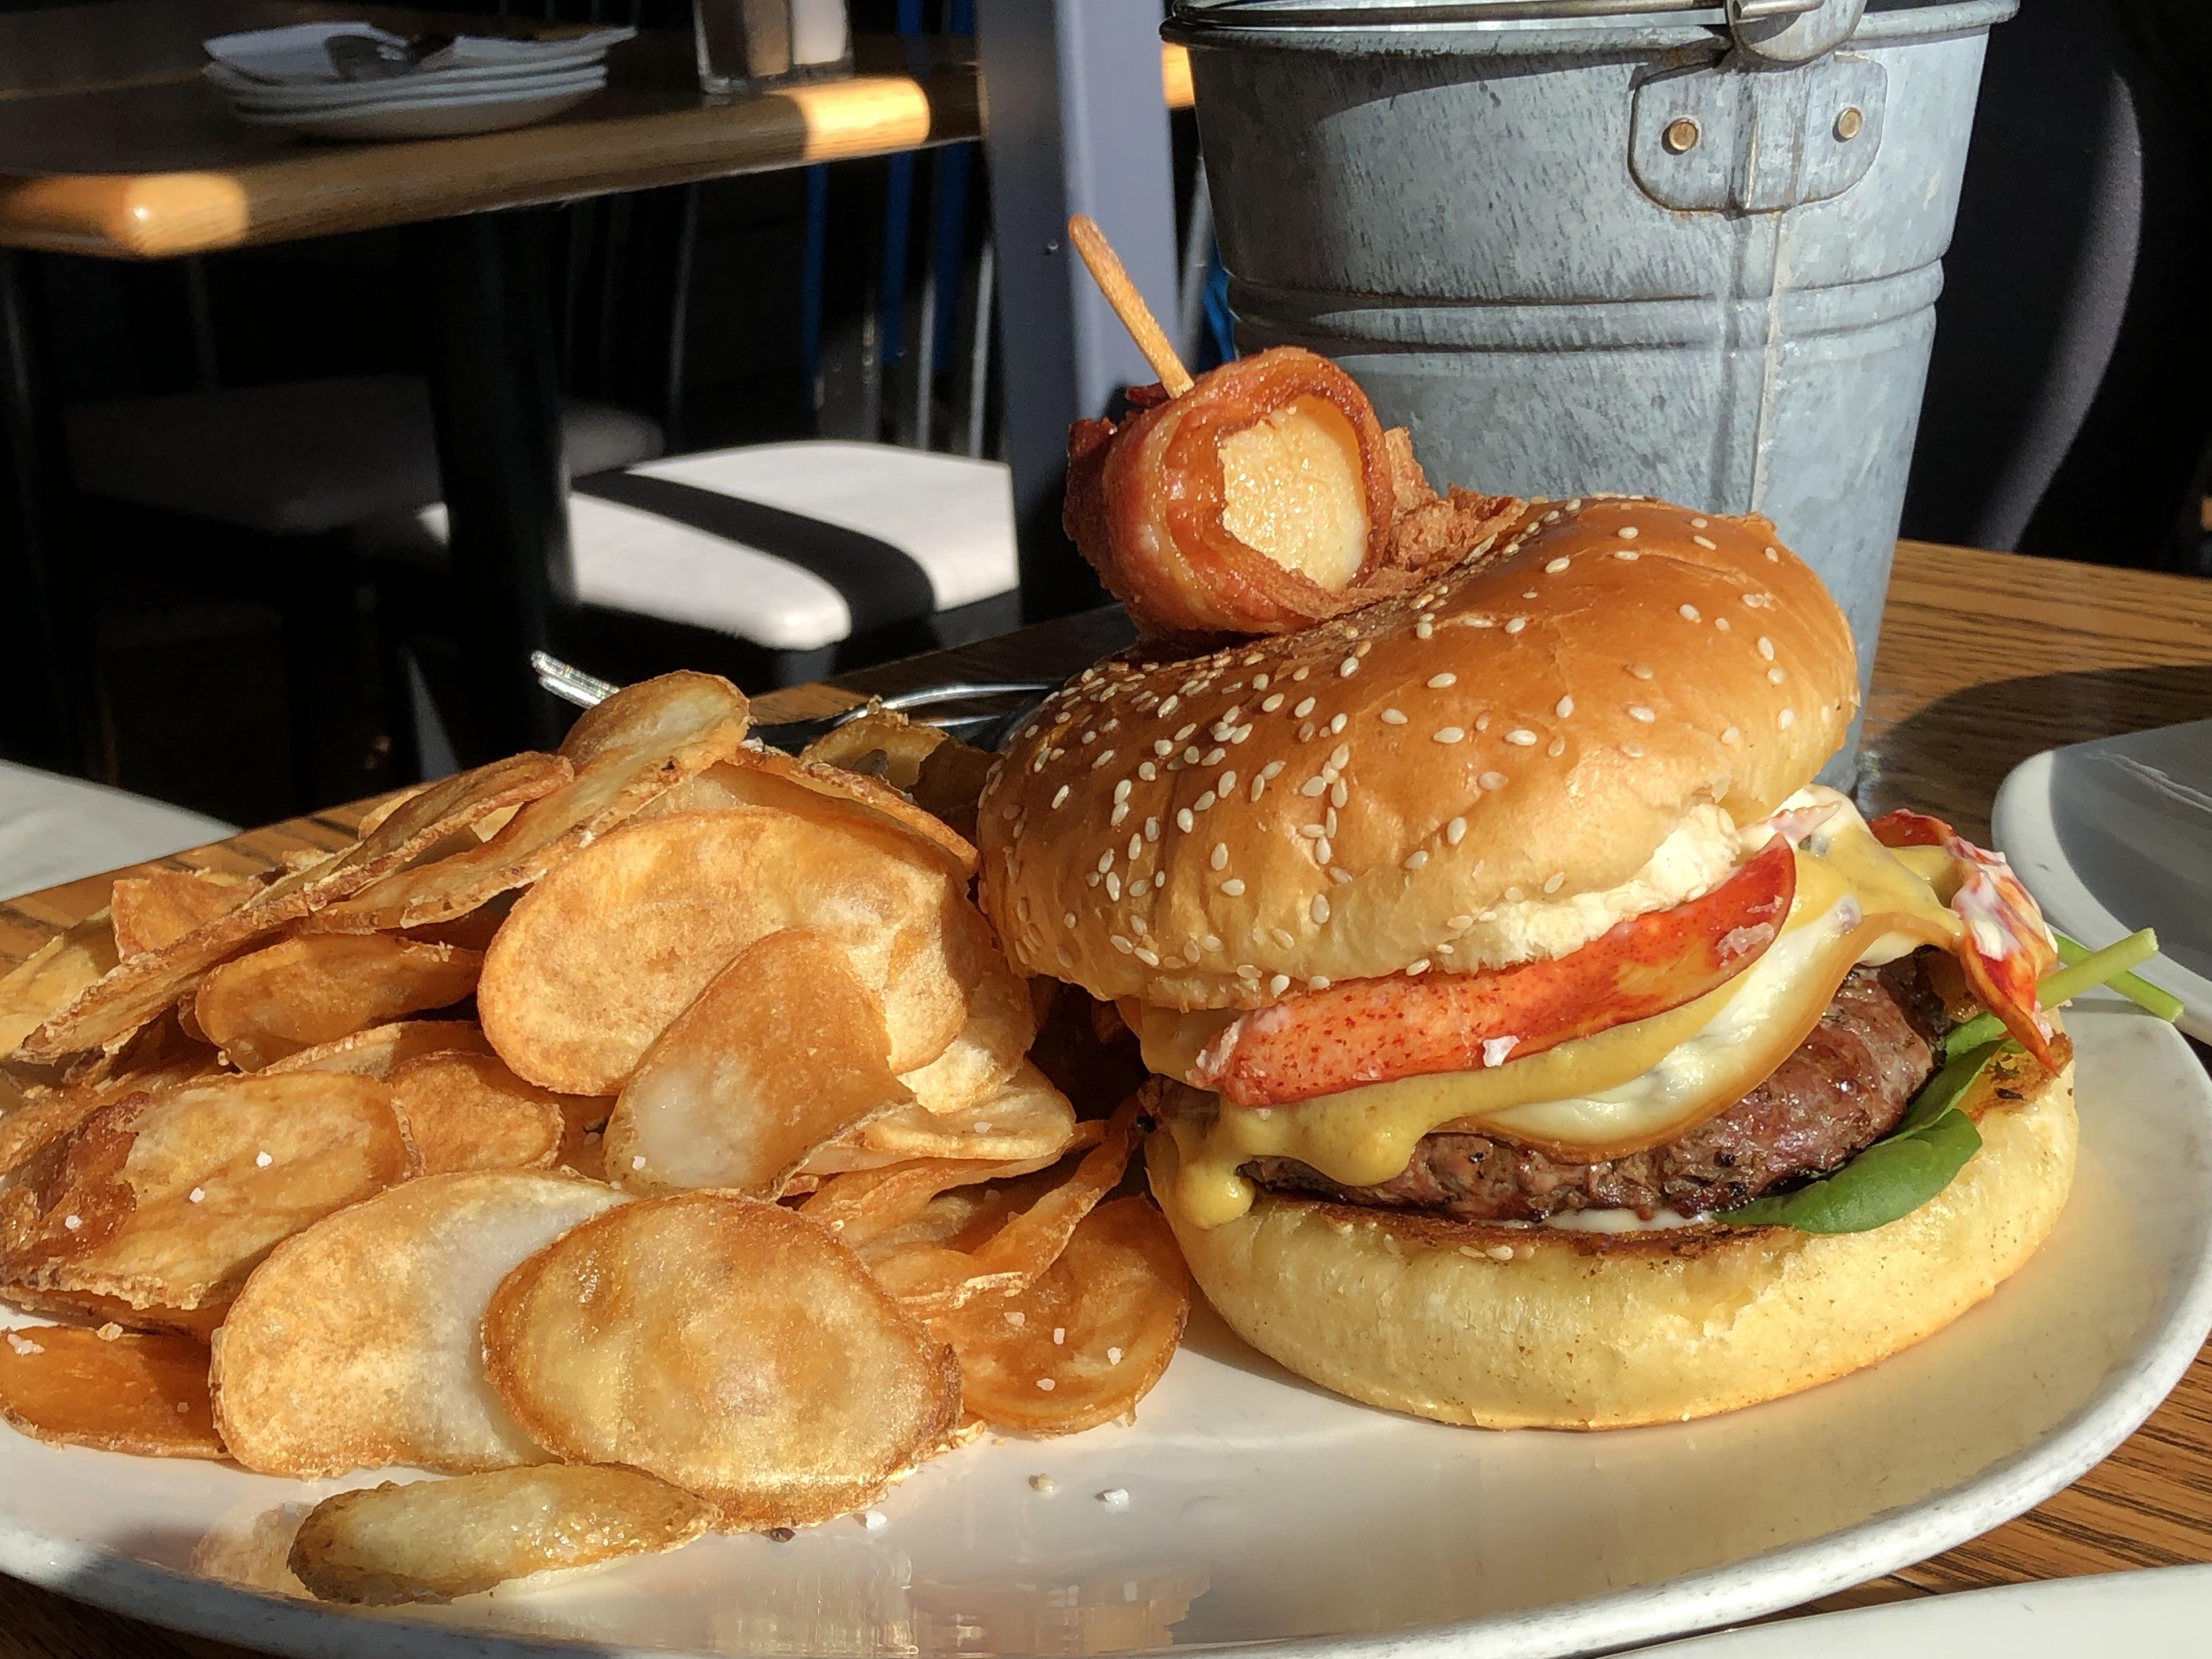 Grand-Banker-burger.jpeg?mtime=20190211105156#asset:104817